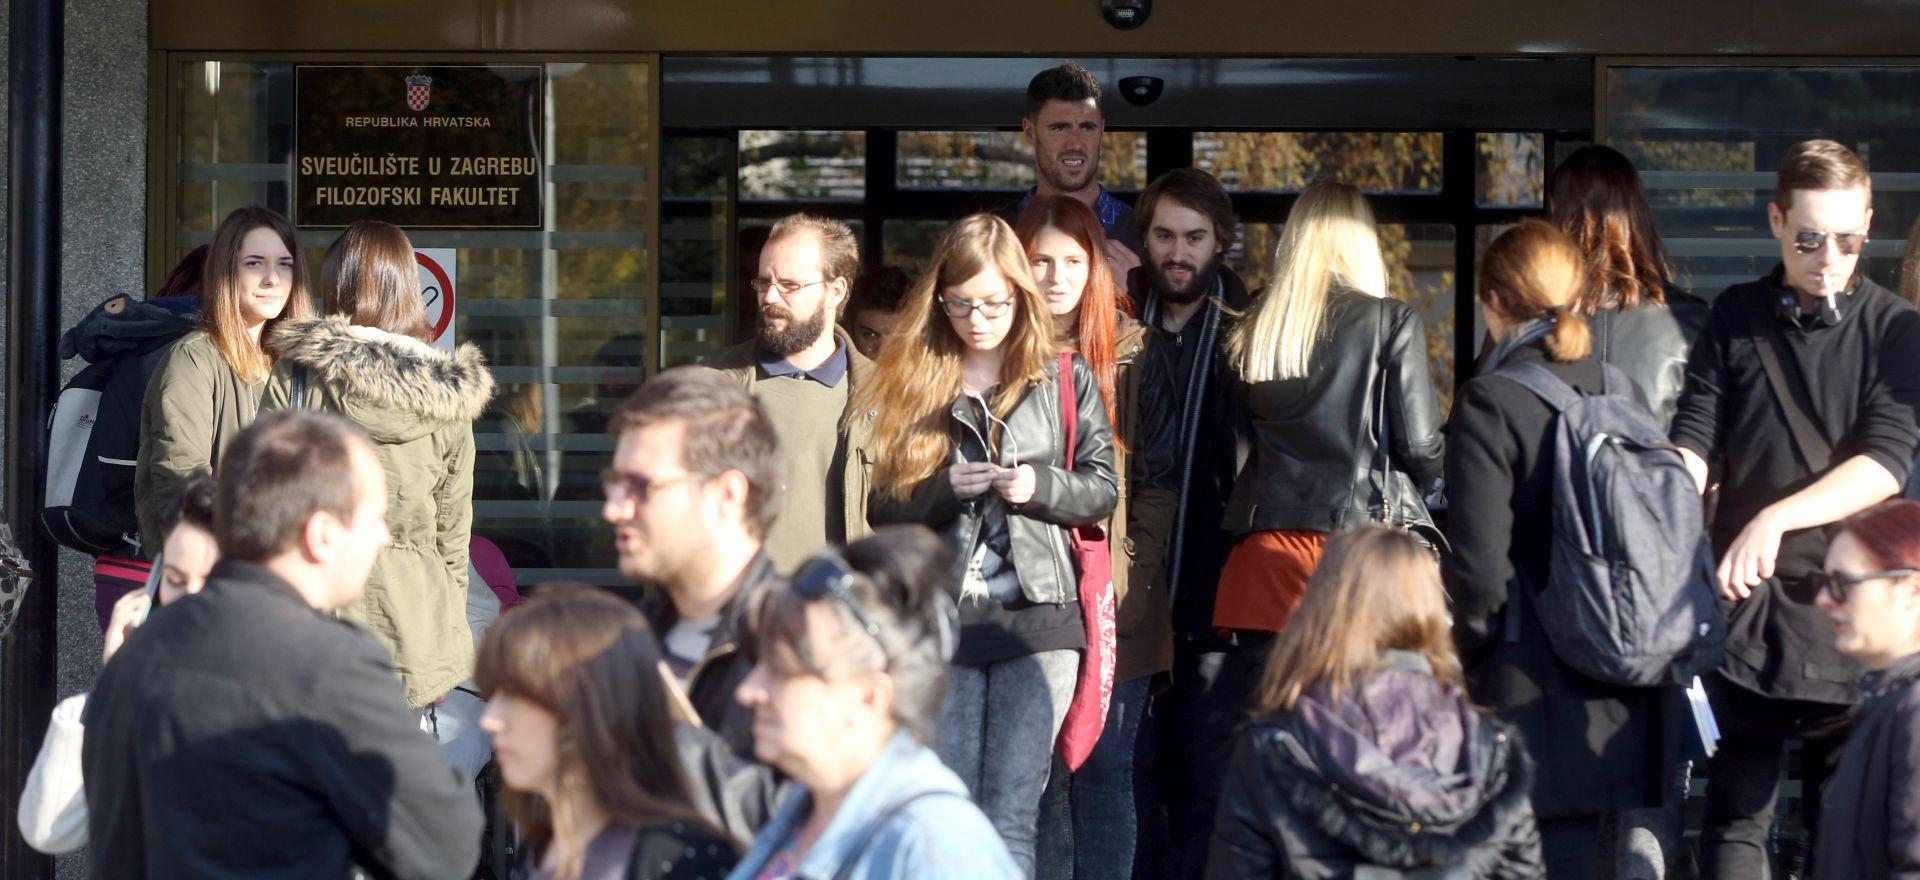 Poništeni ponovljeni izbori za Studentski zbor Filozofskog Fakulteta, novi izbori 7. i 8. prosinca